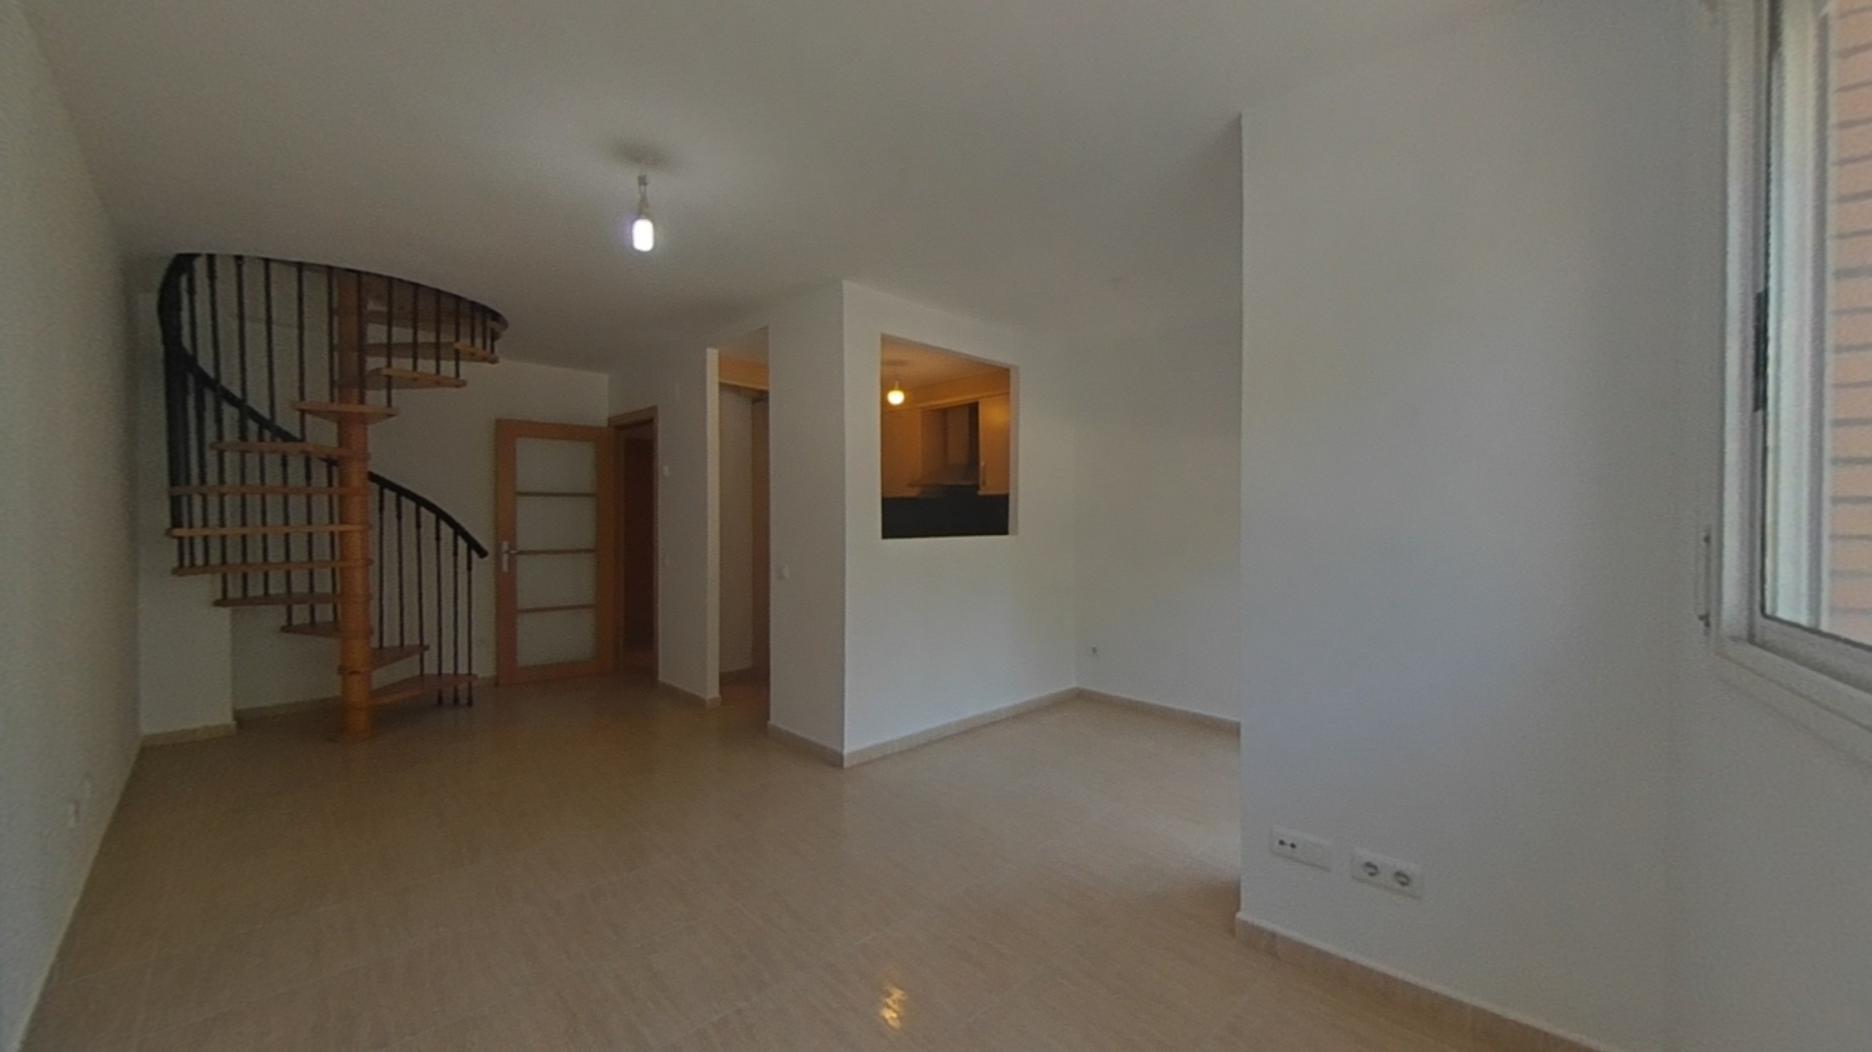 Alquiler Piso  Av madrid. Solvia inmobiliaria - piso terrassa